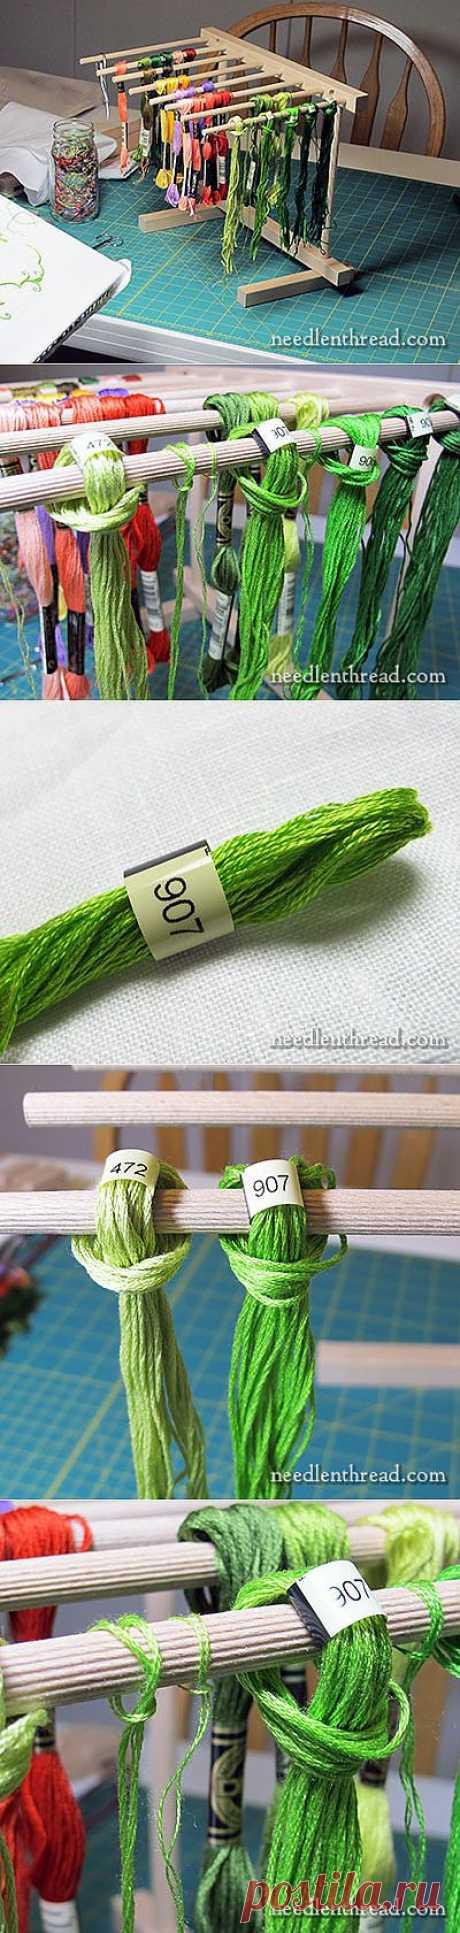 Для удобства и наглядности при вышивании